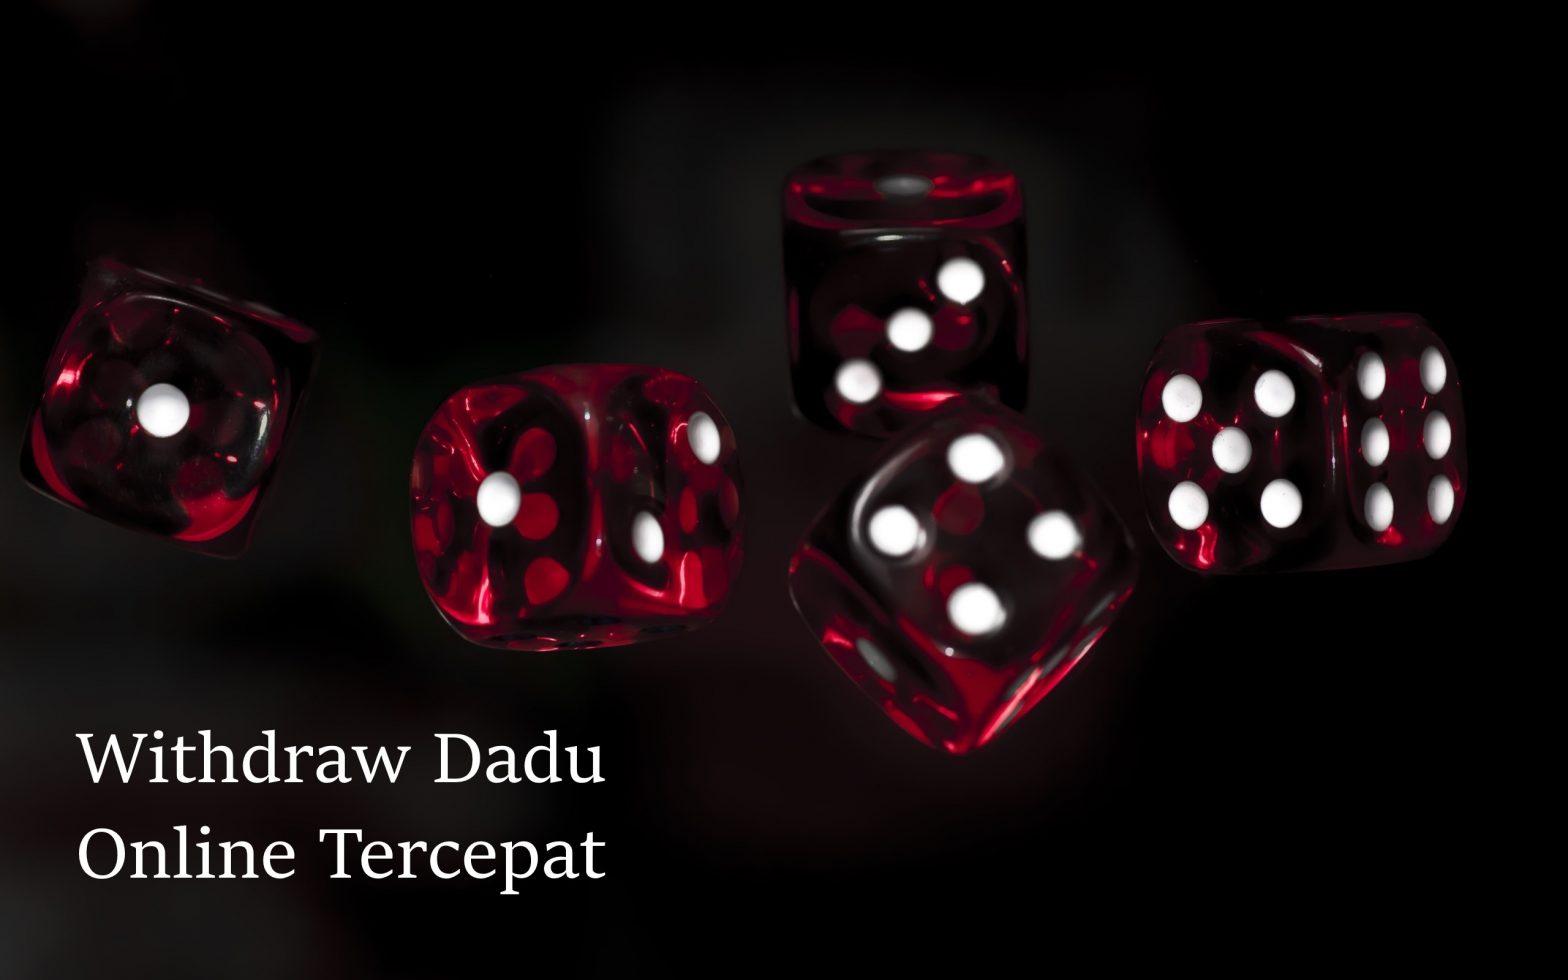 Withdraw Dadu Online Tercepat